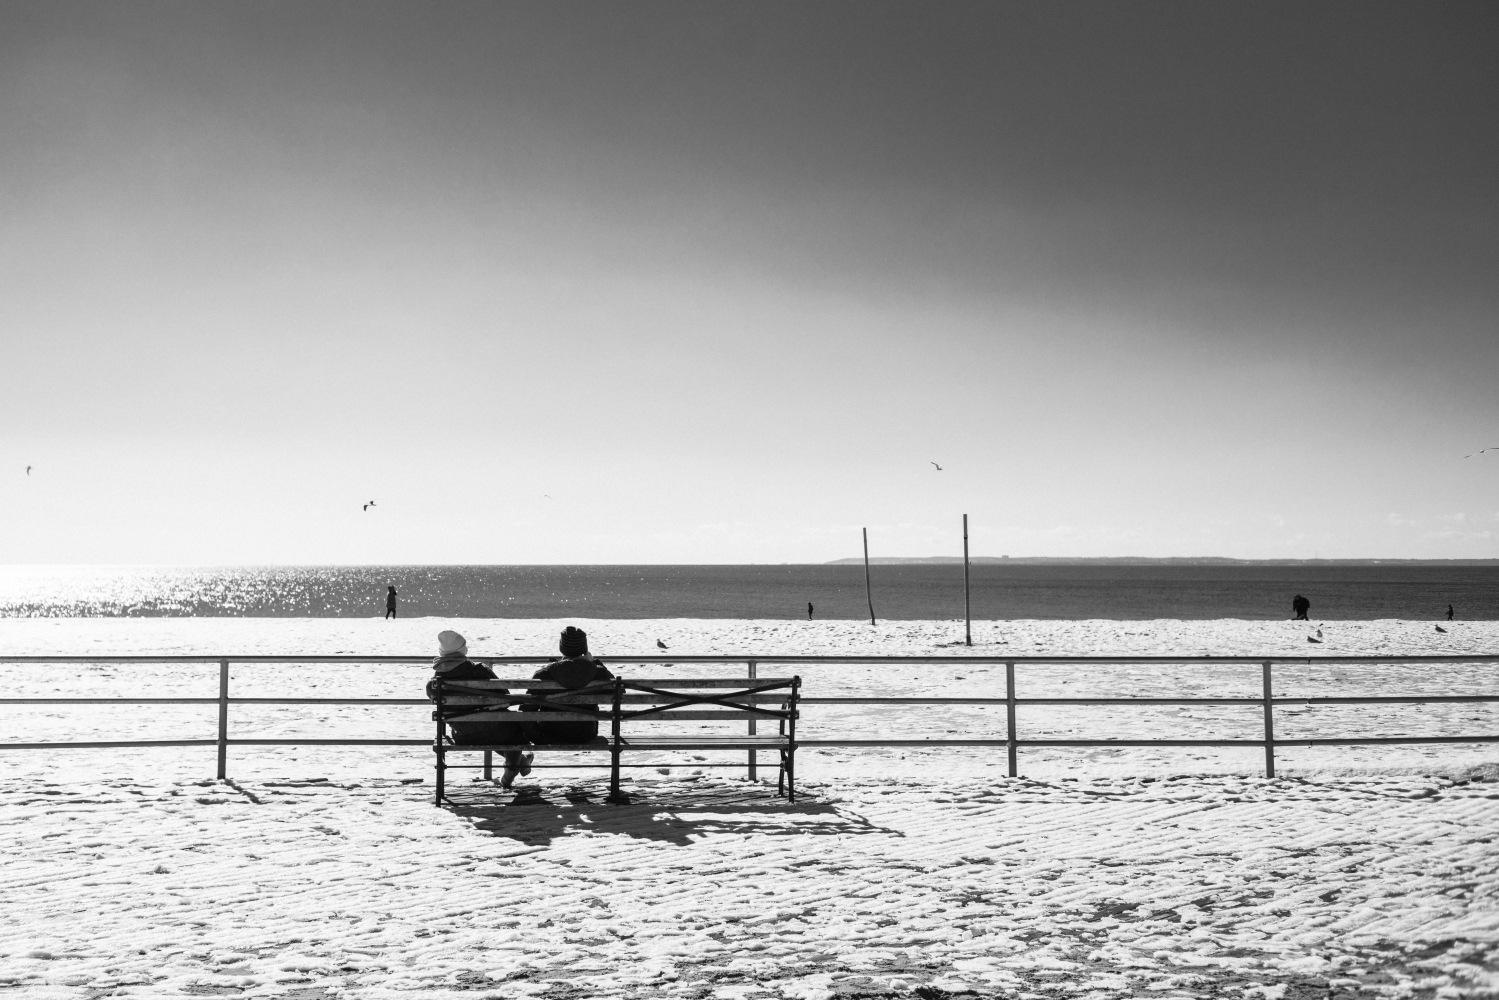 Brighton Beach / Sony A7 RII / Leica 35/2 Summicron-R by Neil Carpenter